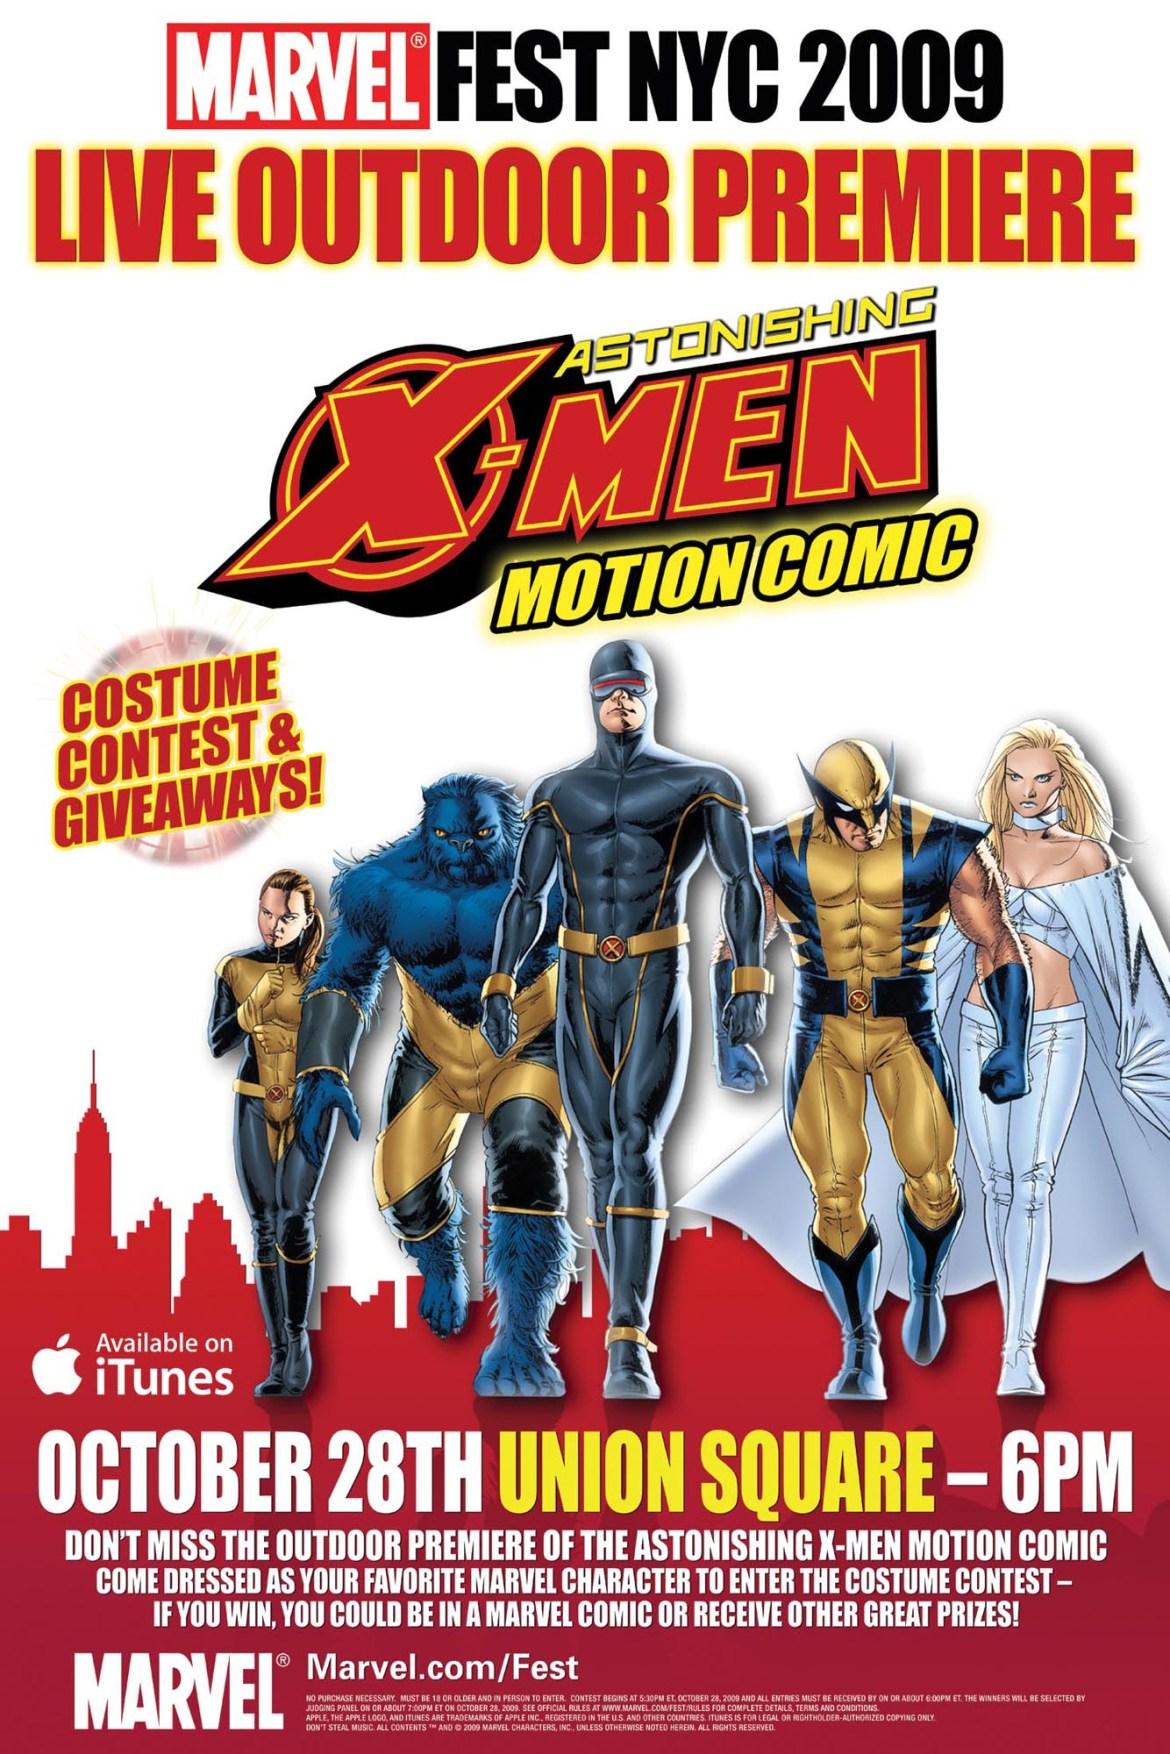 MarvelFestNYC2009 MarvelFest NYC 2009 Celebrates Astonishing X-Men Motion Comic